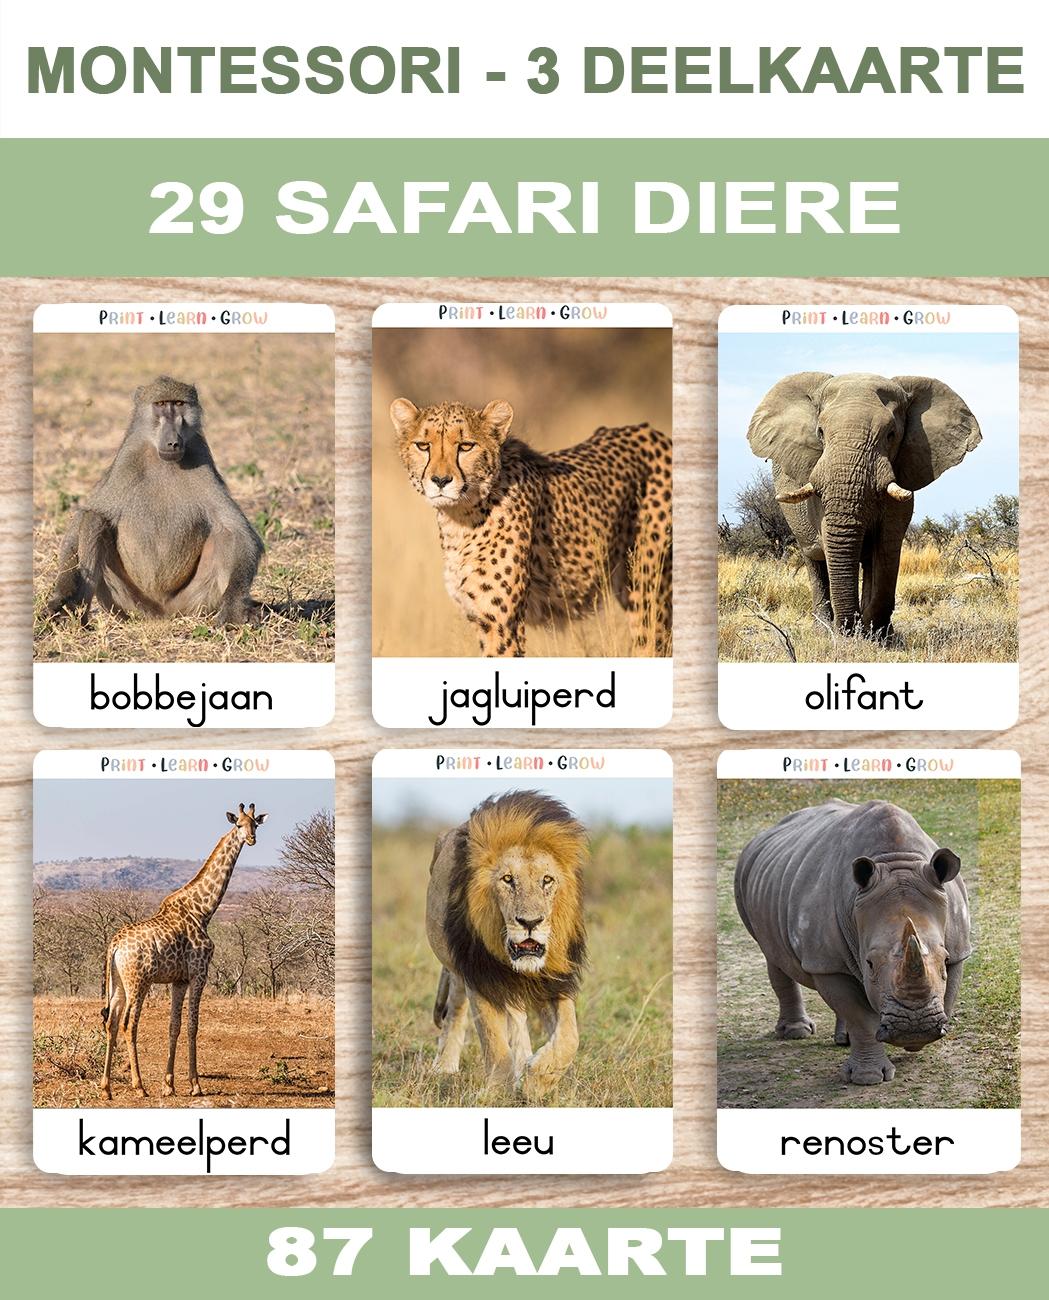 0. Safari diere – Cover – Templatea